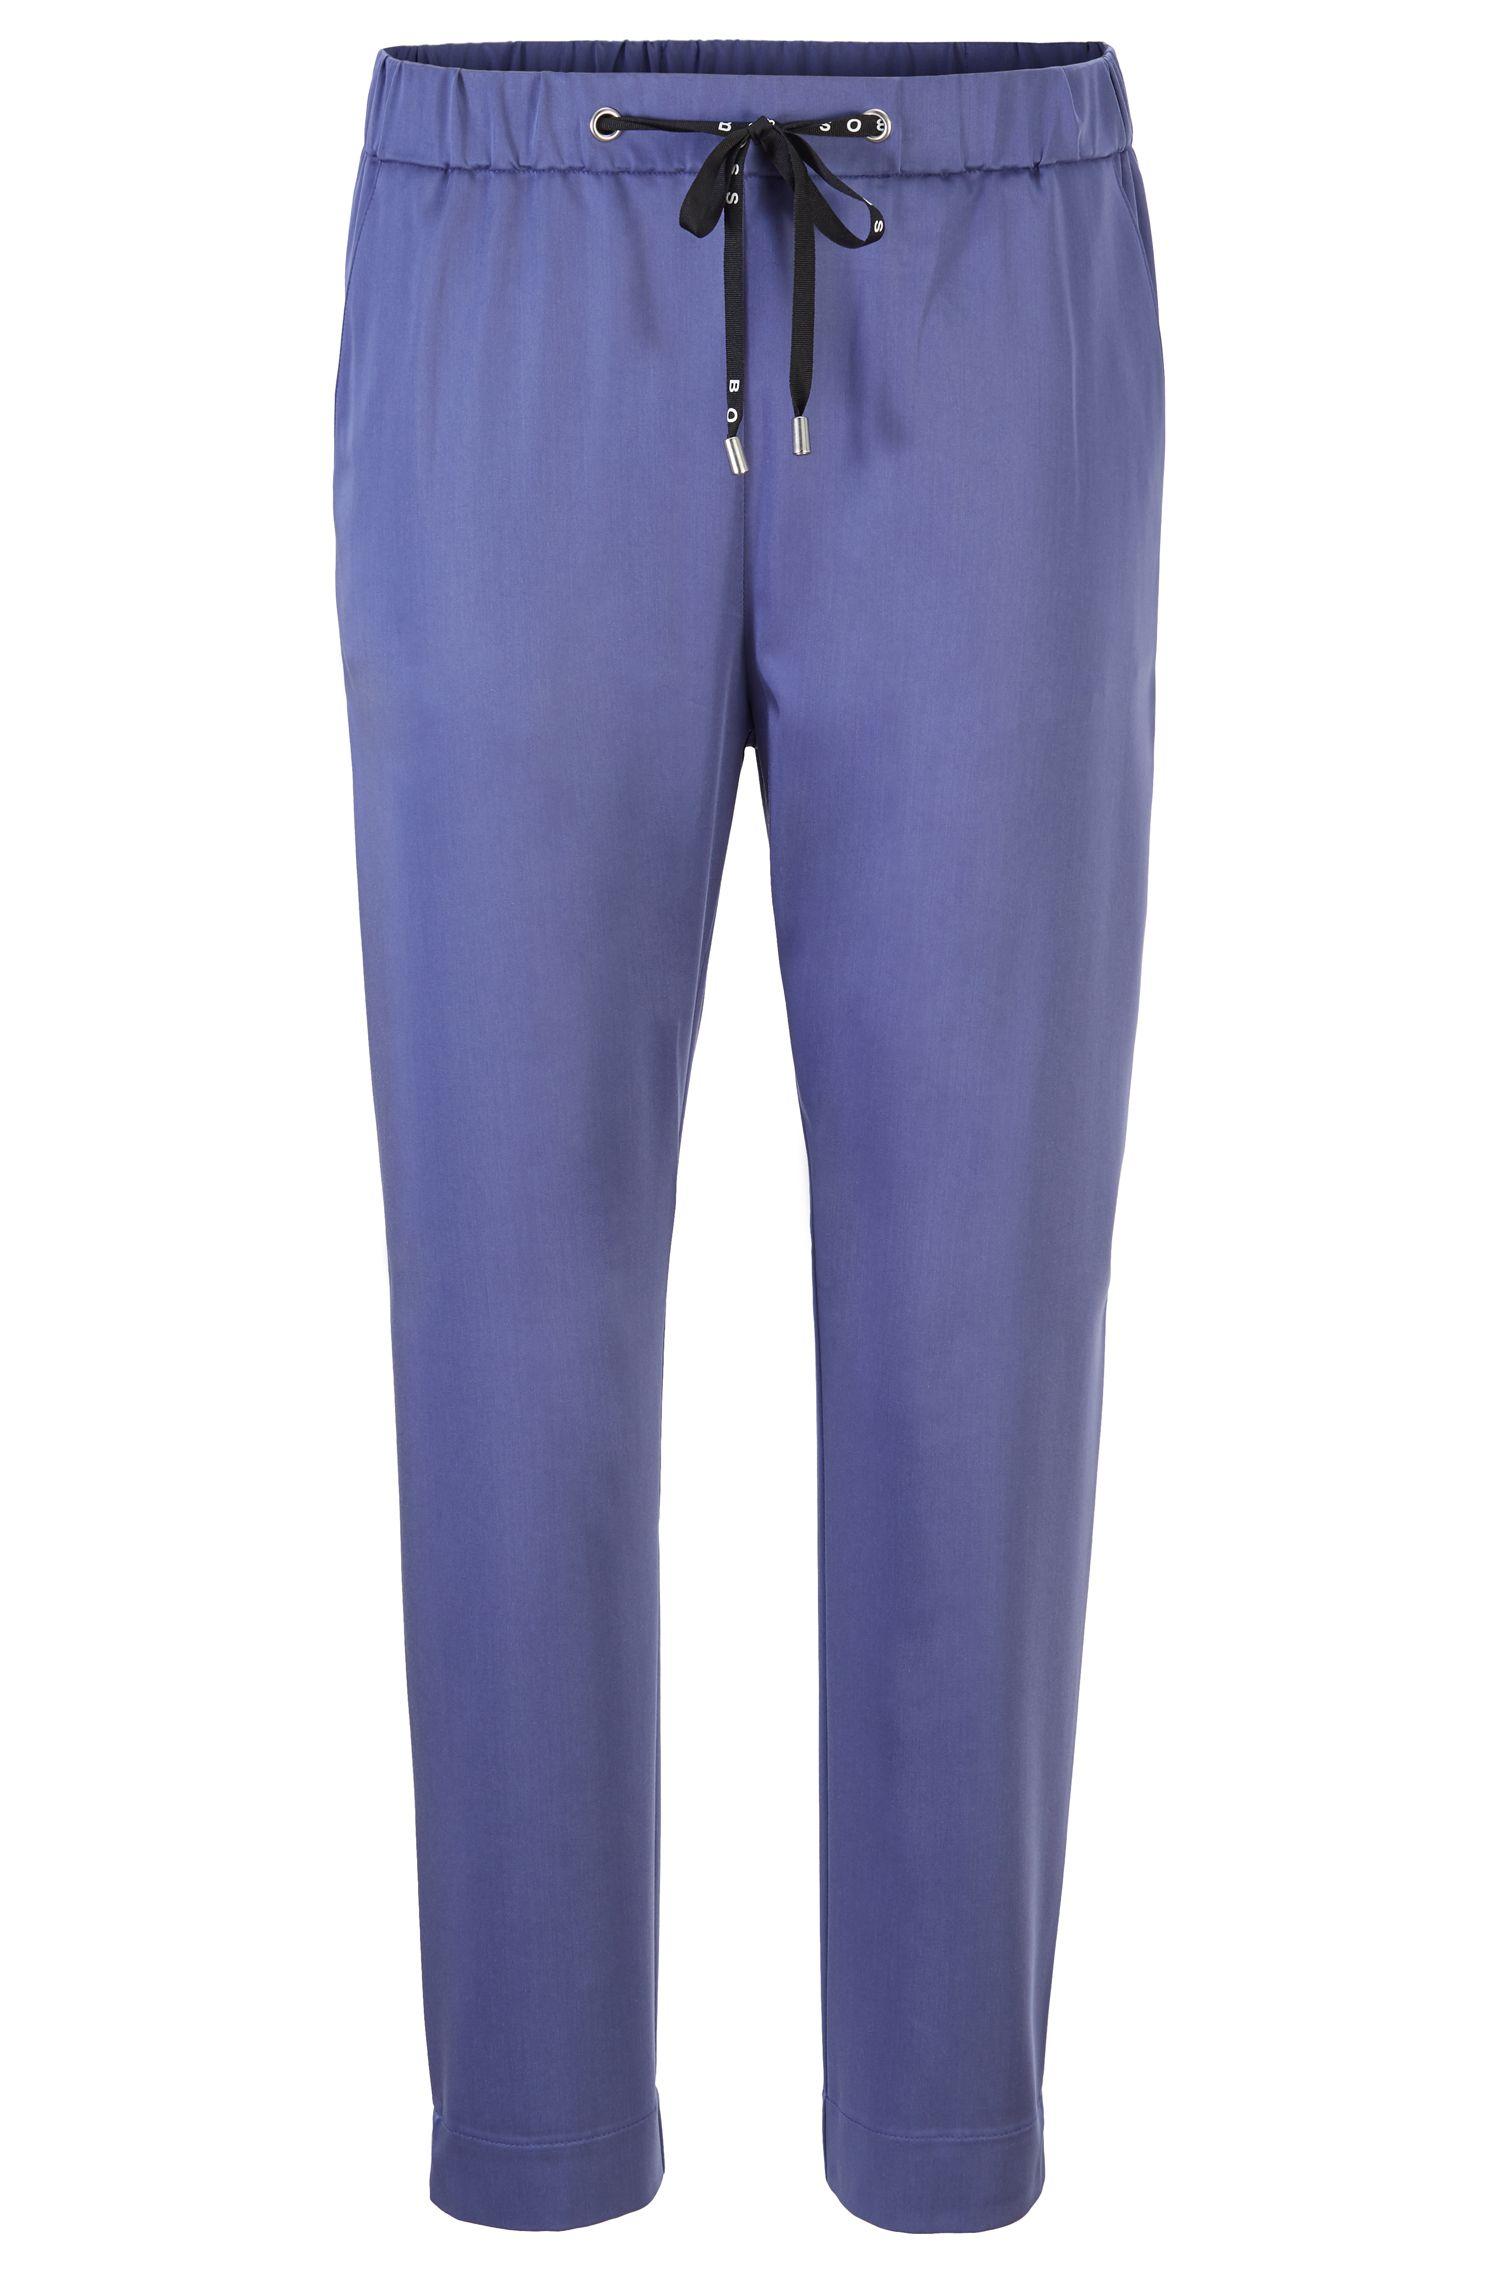 Pantaloni da jogging alla caviglia in tessuto elasticizzato leggero, Viola scuro